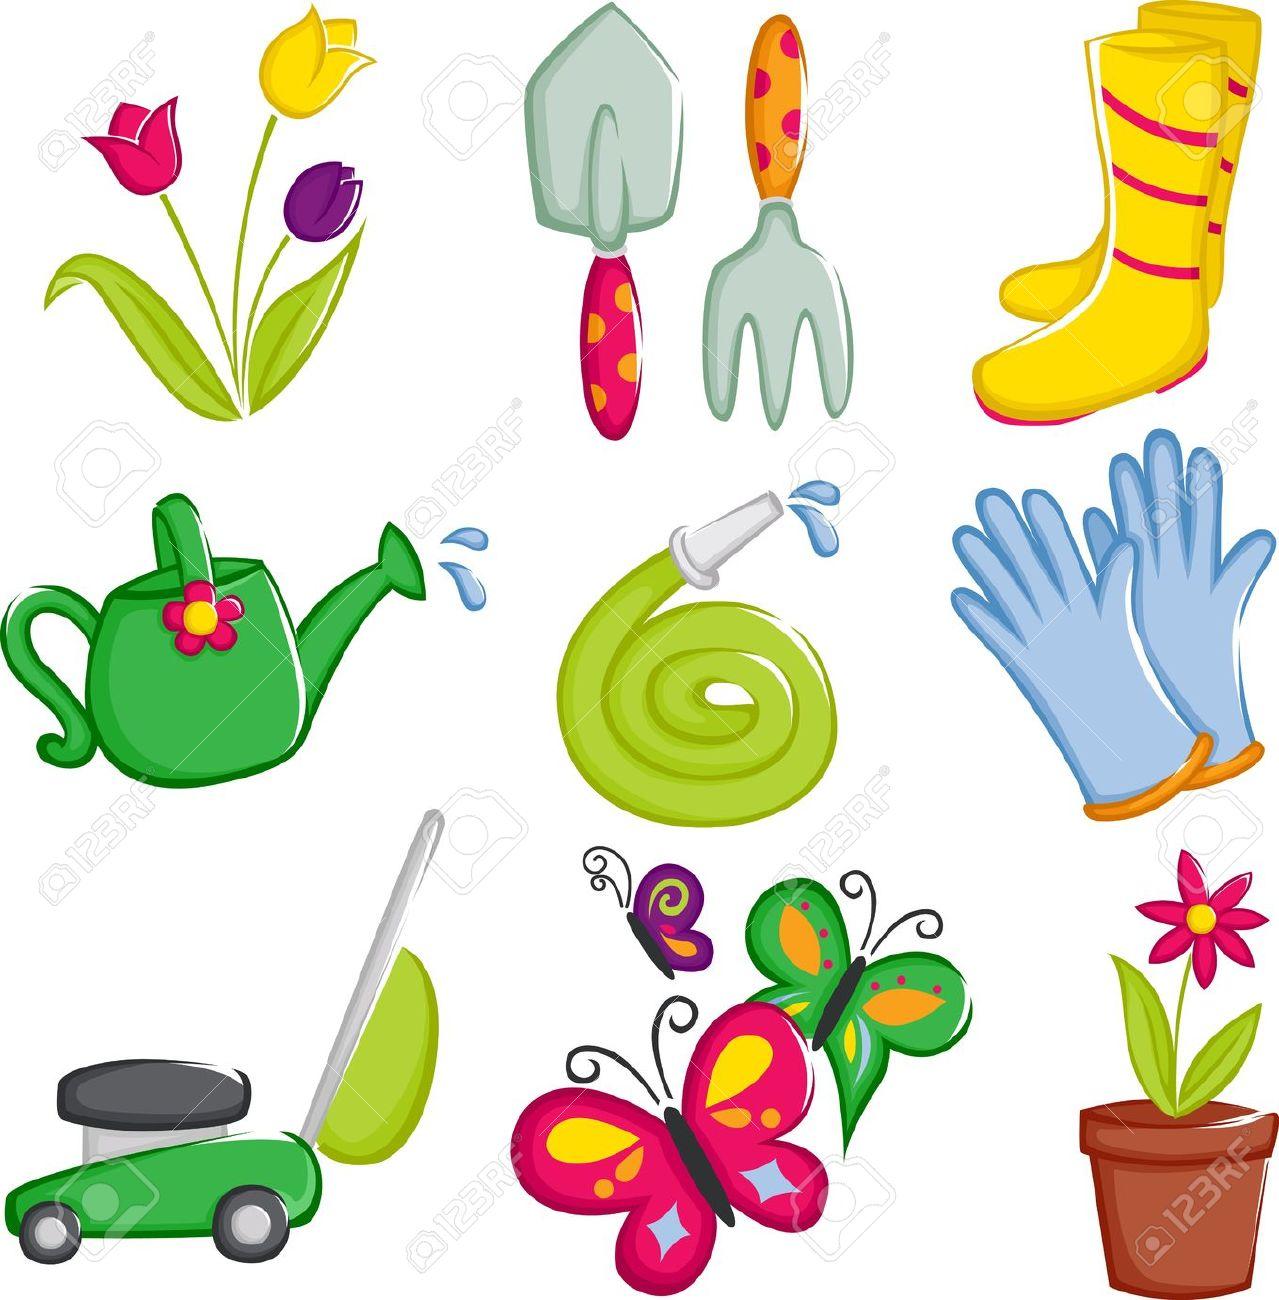 Clipart garden tools.